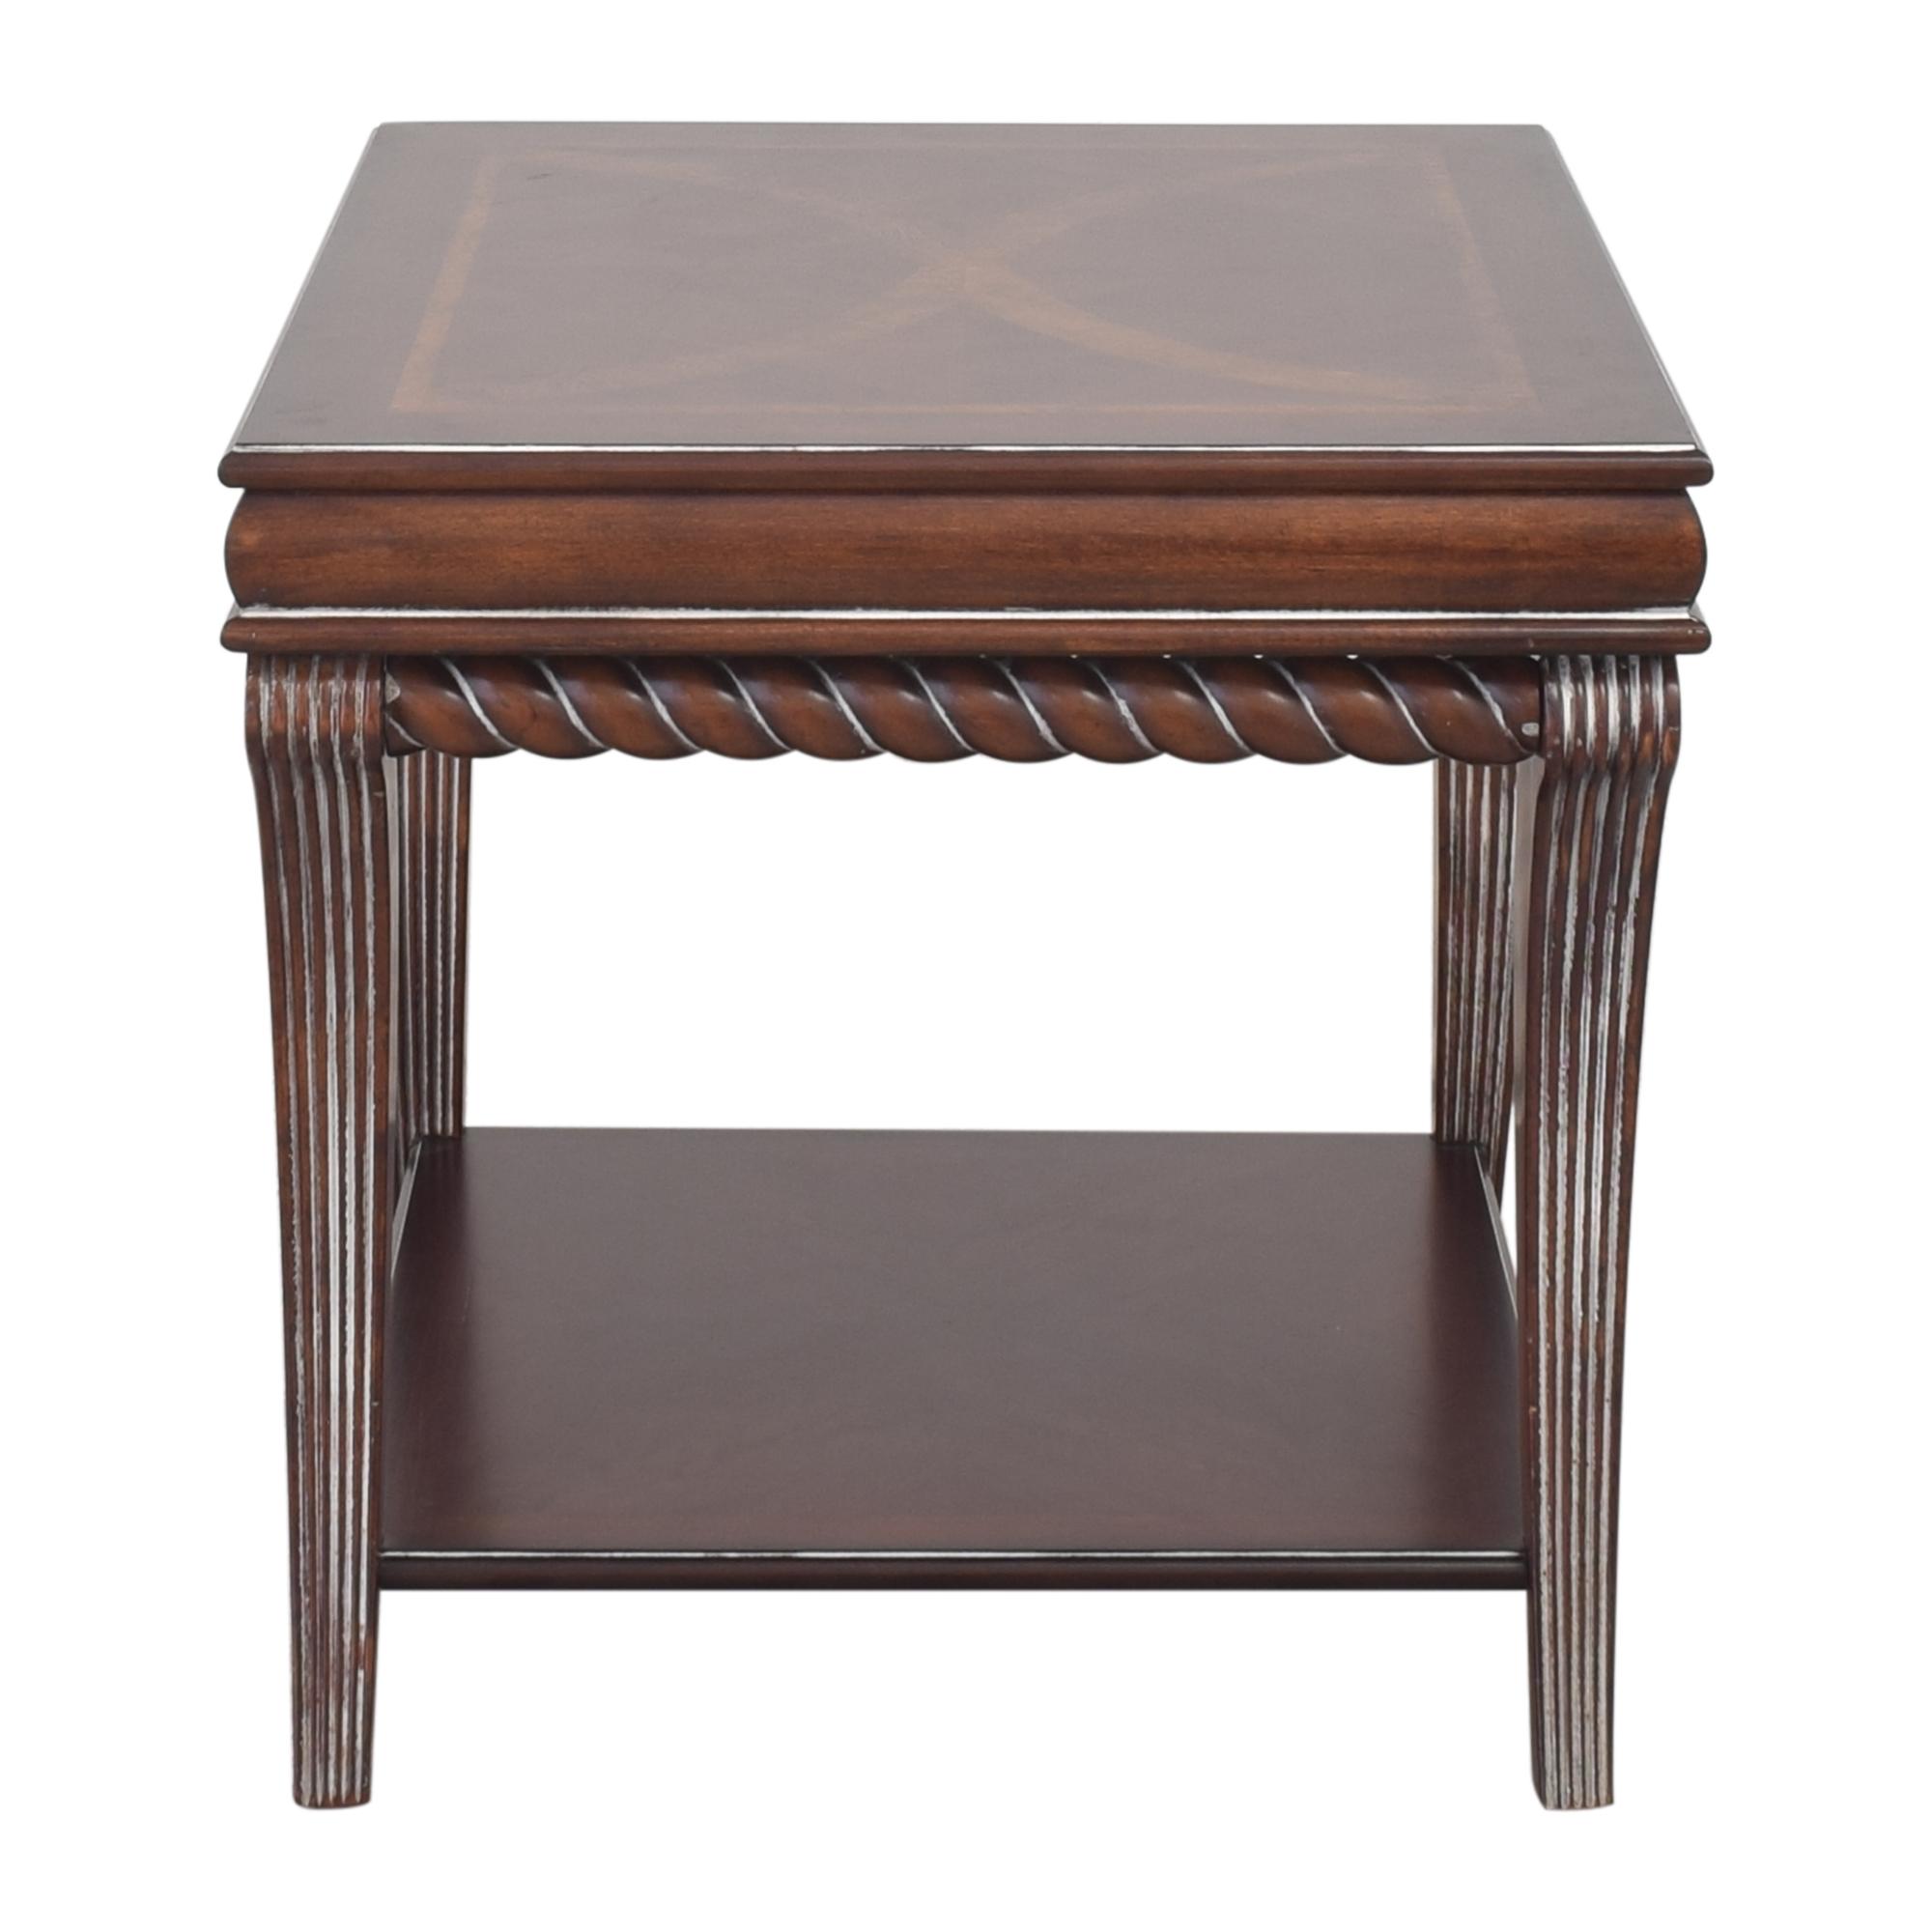 shop Master Design Furniture Master Design Furniture End Table online